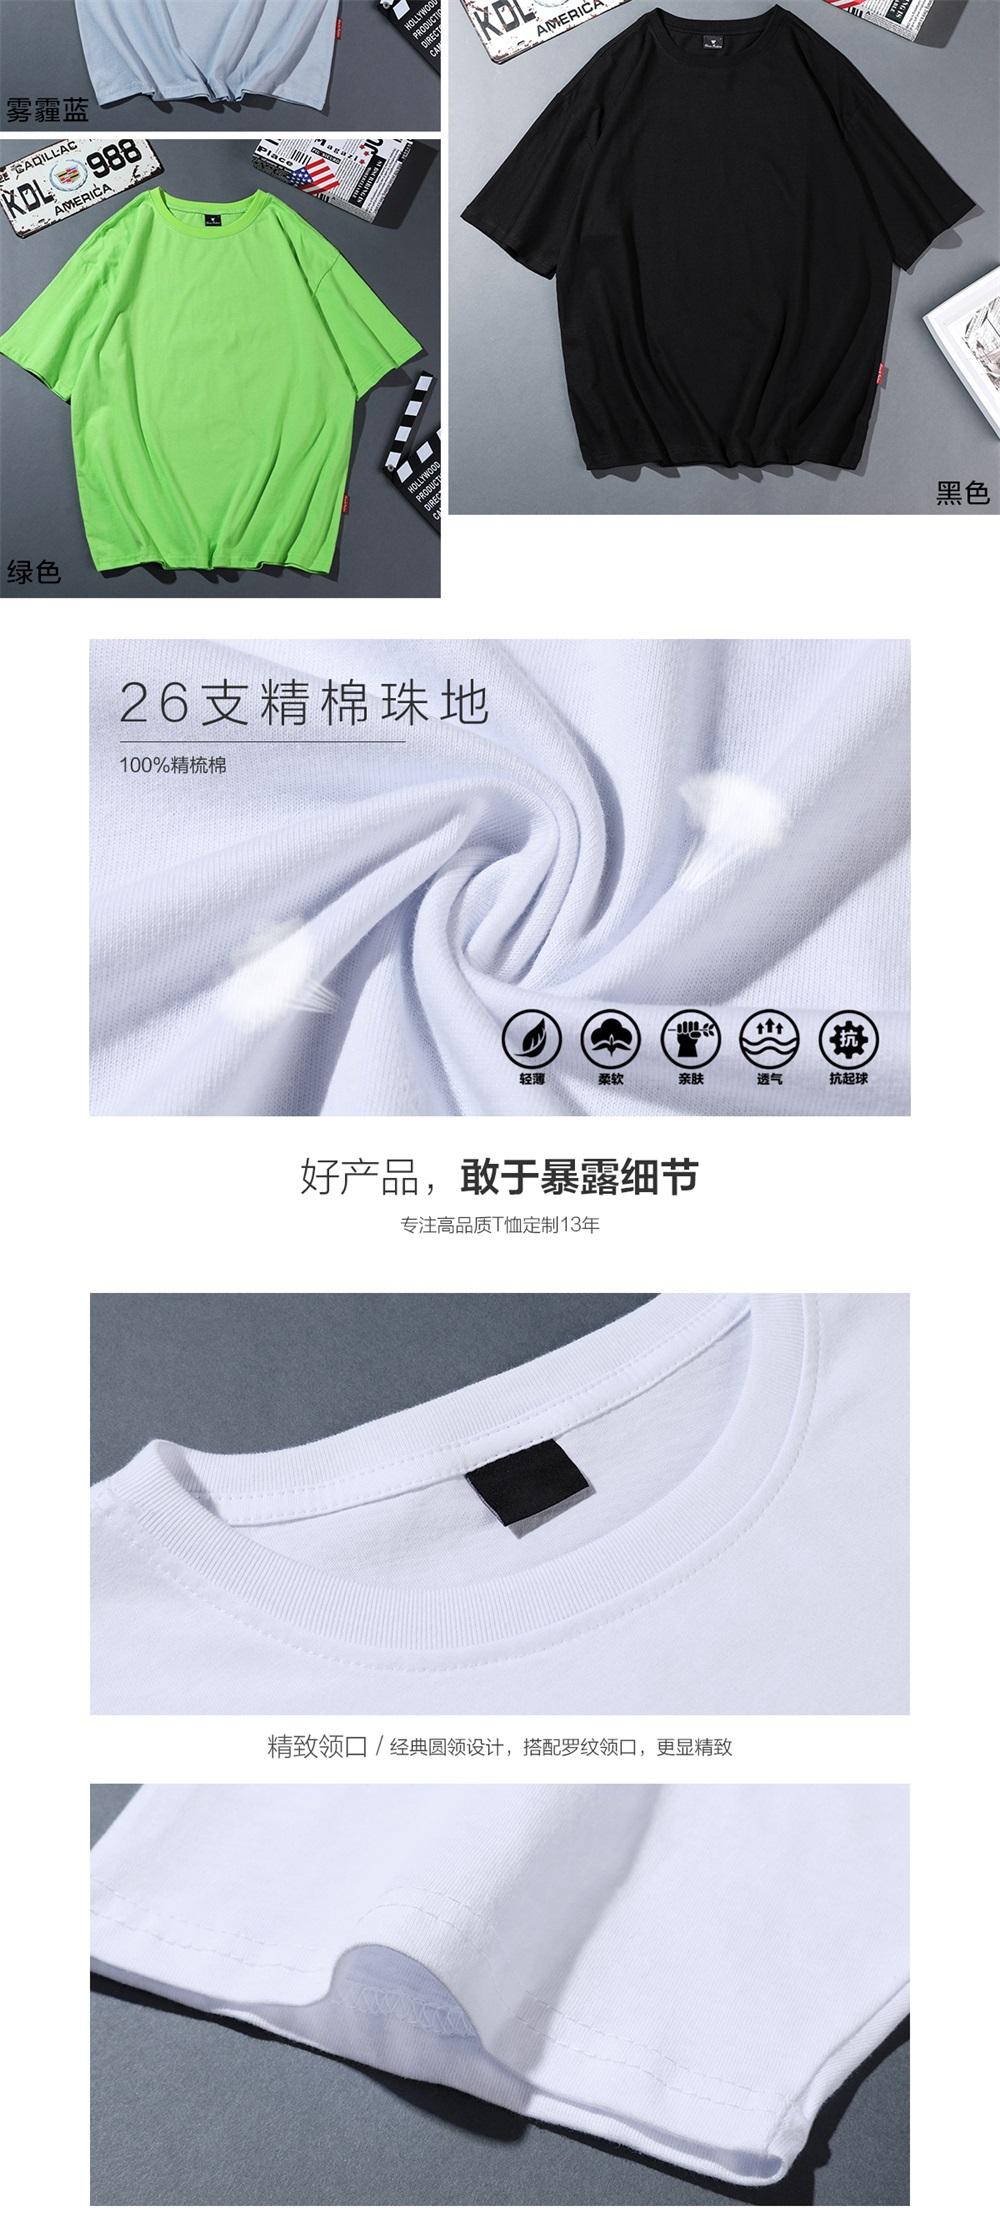 纯棉时尚落肩五分袖圆领T恤